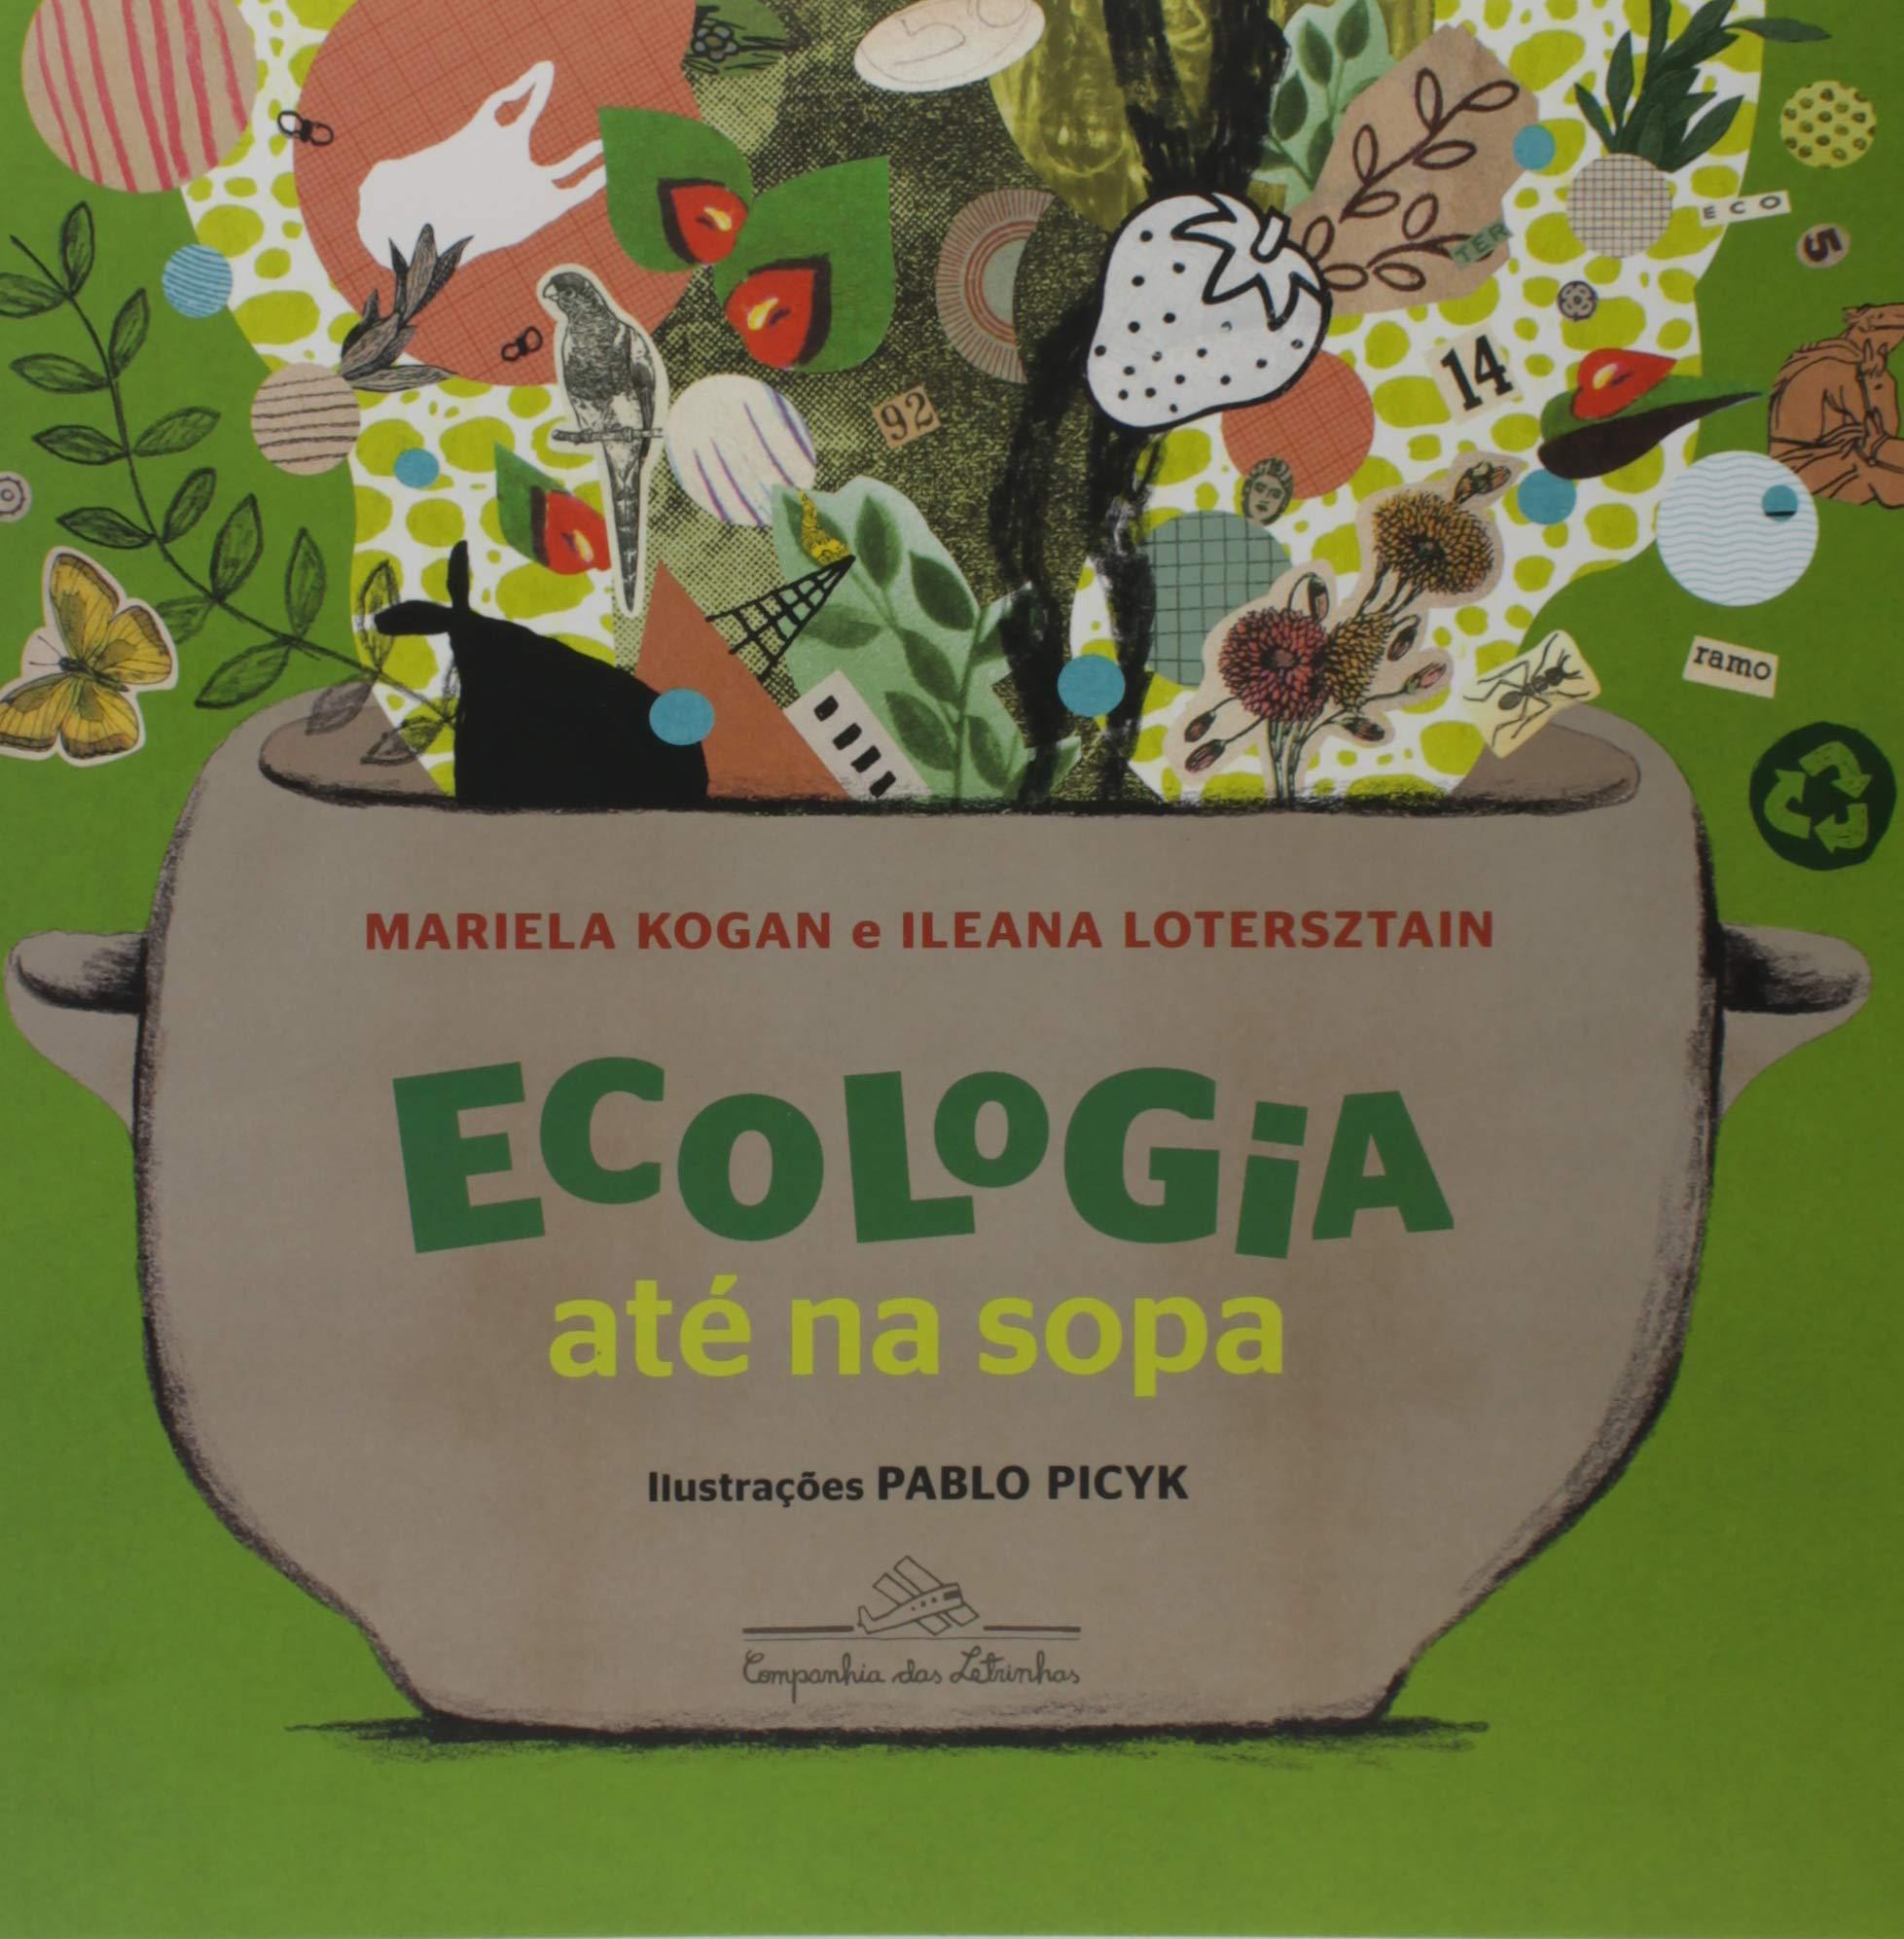 Ecologia até na sopa